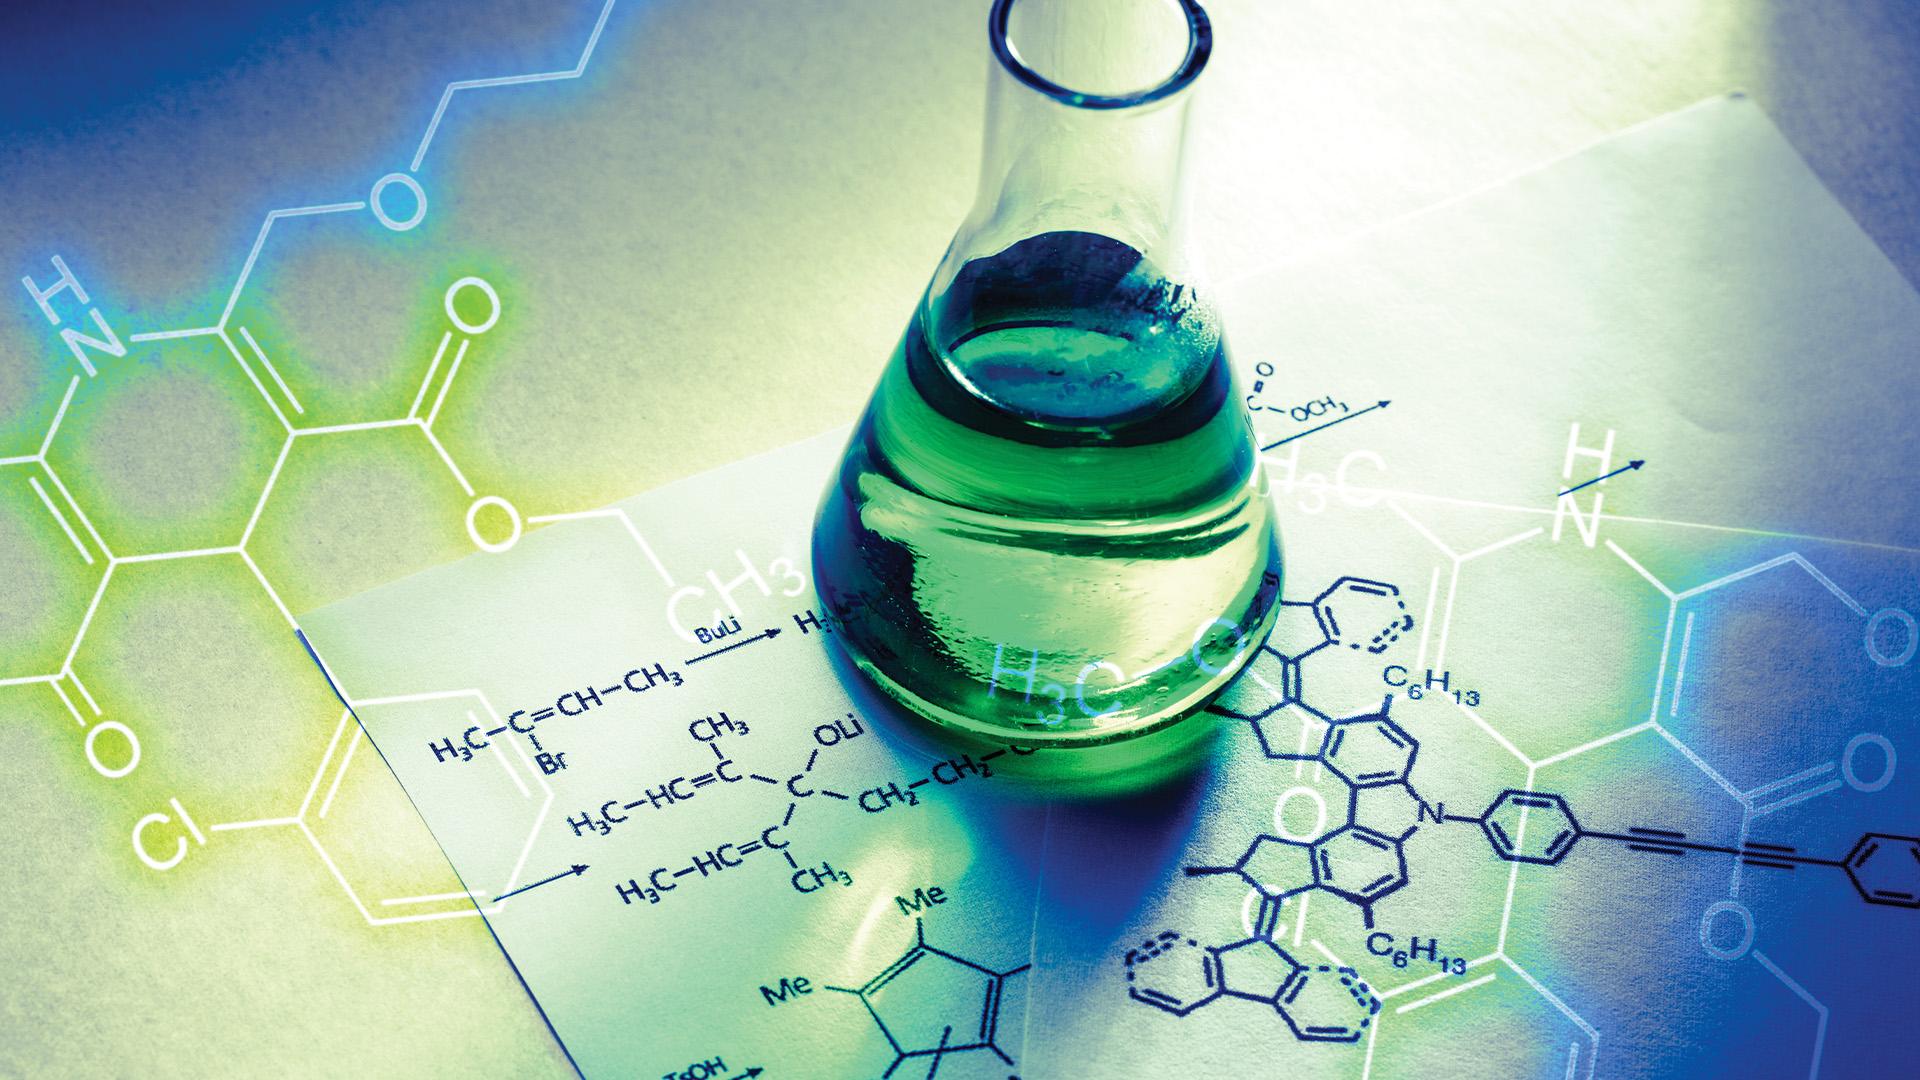 Hình ảnh Tên các loại hóa chất bằng tiếng Trung 1